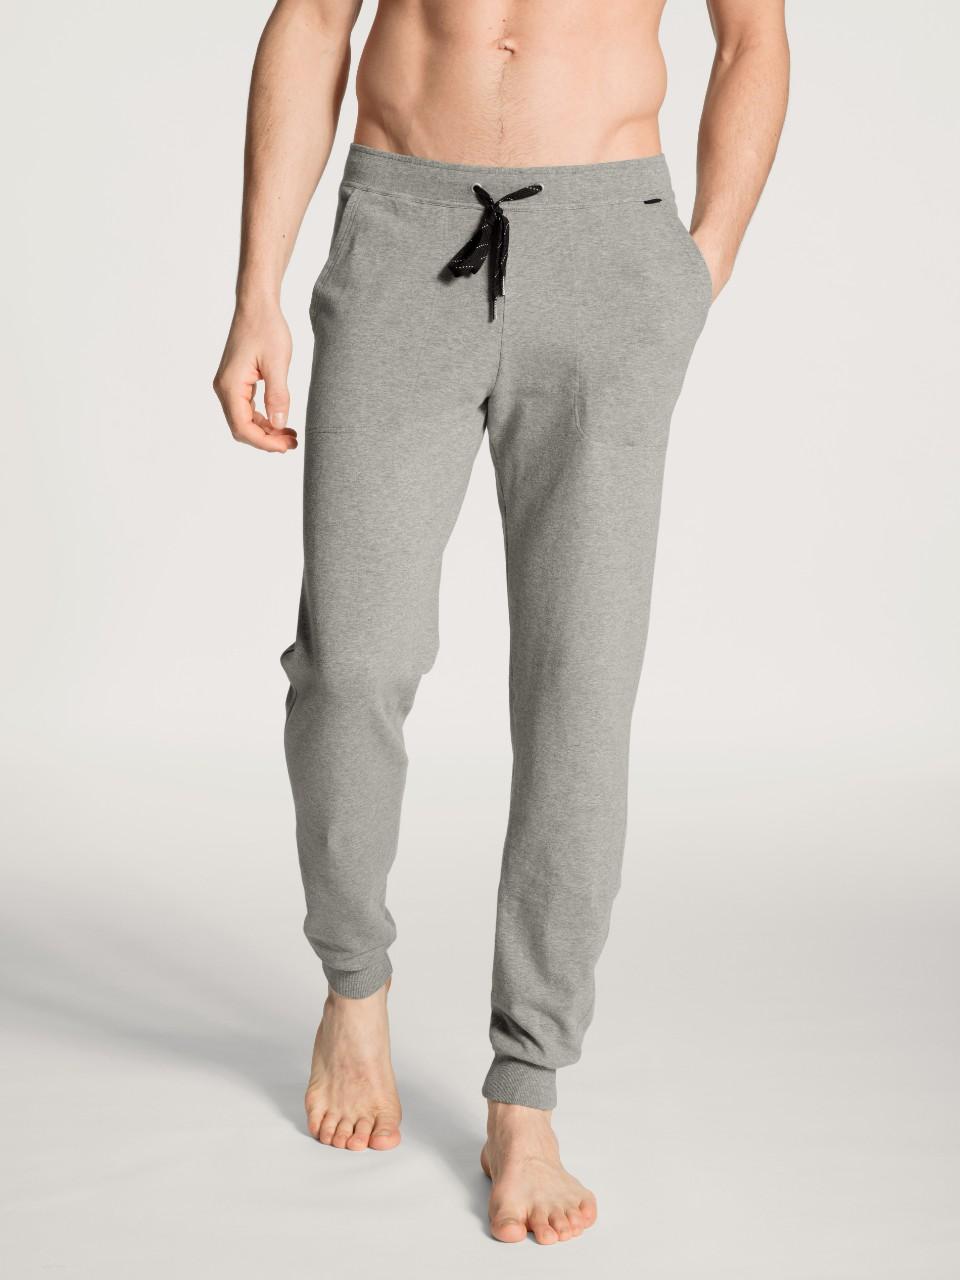 29181 991 Pantalon jogging gris 95% coton 5% elasthan Prix : 79.95 €